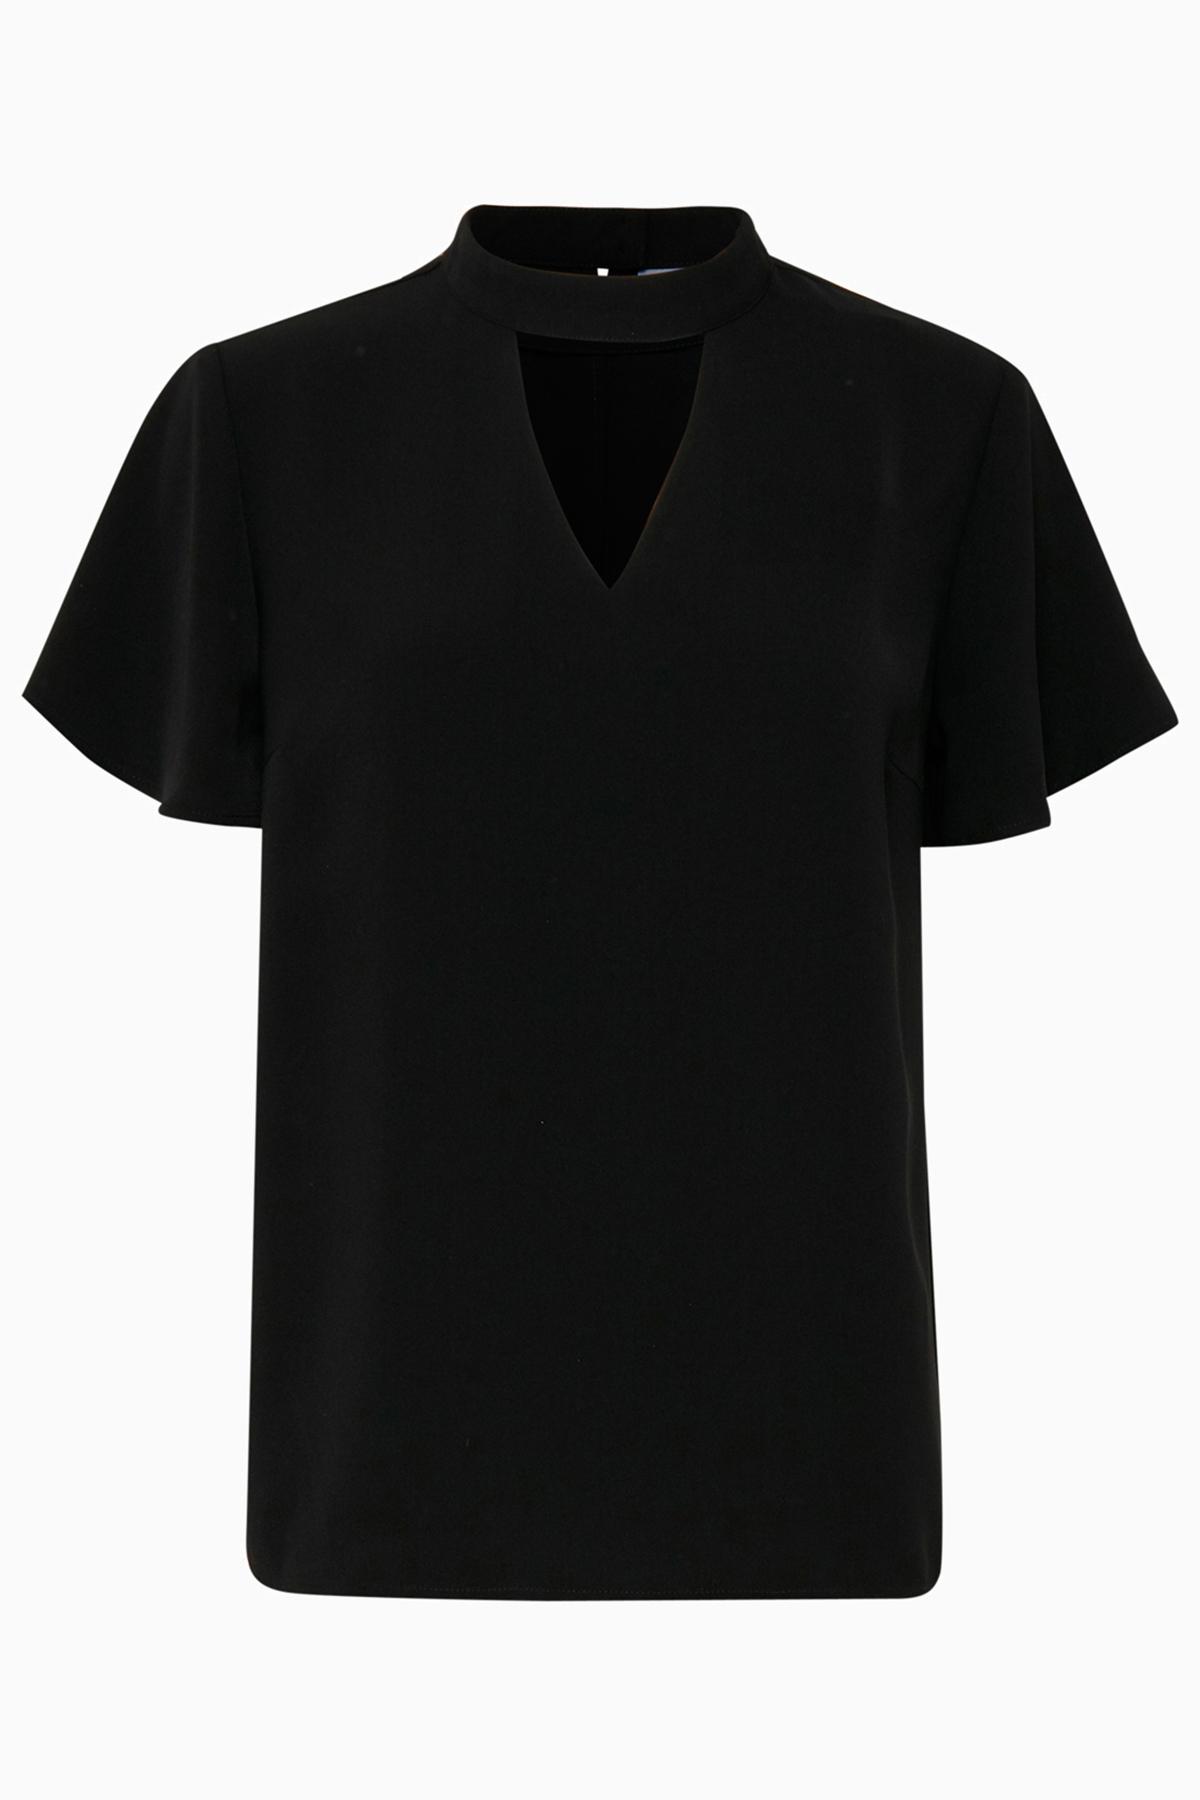 Sort Kortærmet bluse  fra b.young – Køb Sort Kortærmet bluse  fra str. 34-46 her